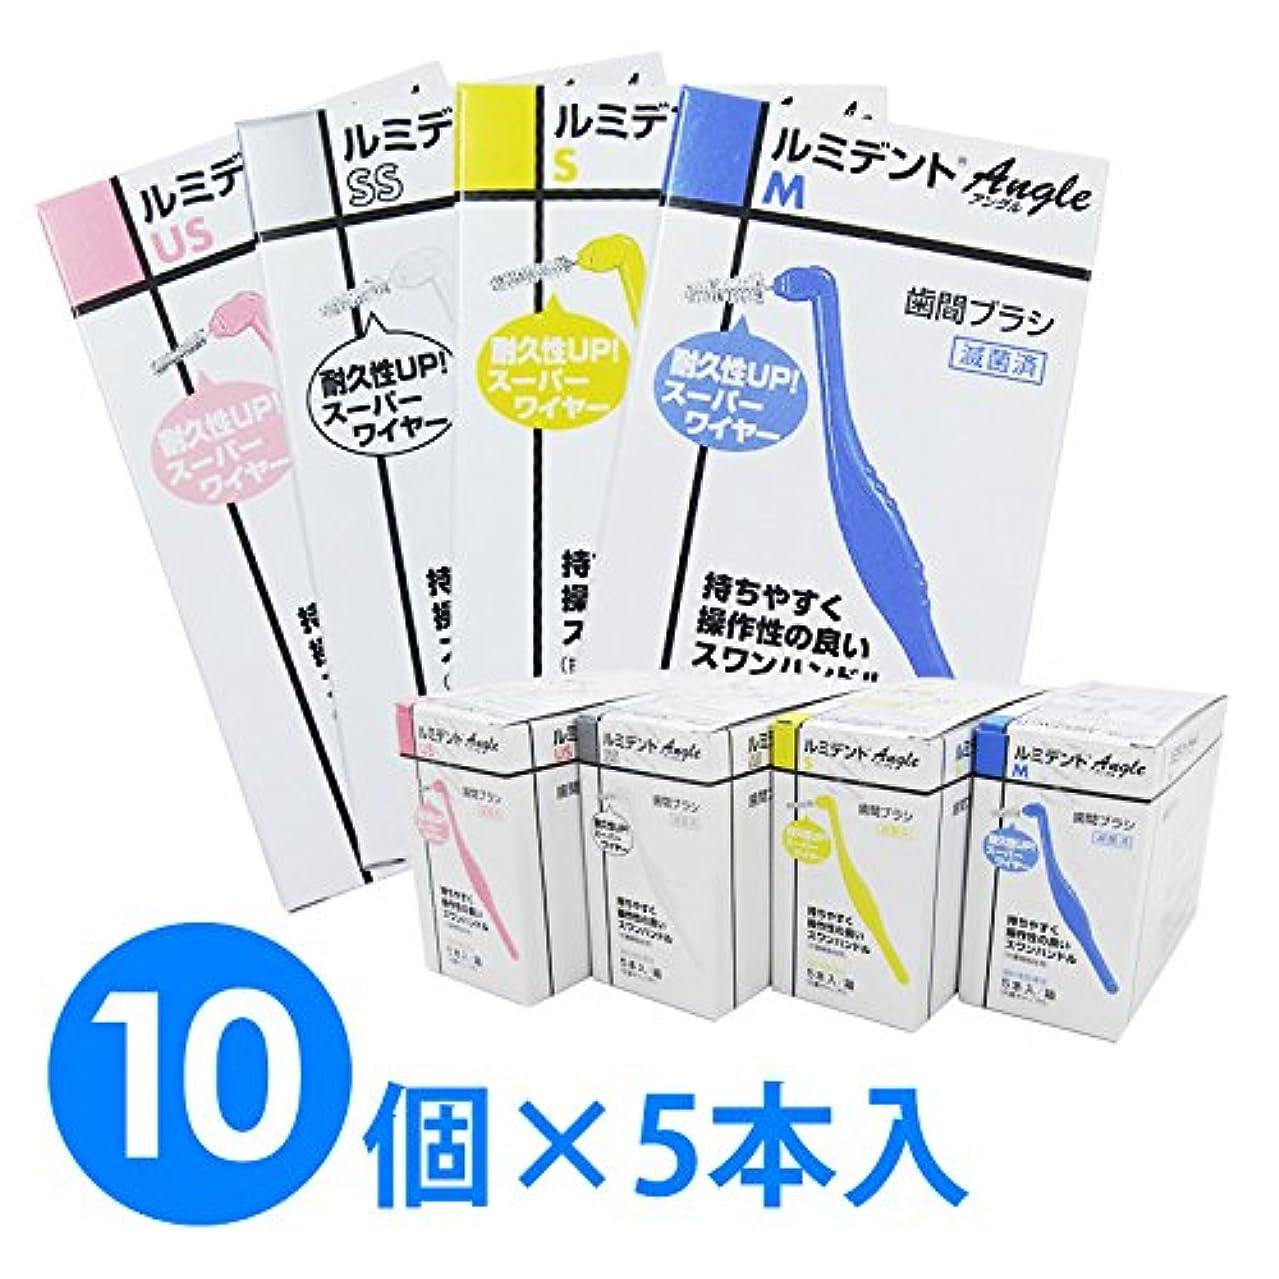 安心させる奨励忙しい【10個1箱】ヘレウス ルミデント アングル 歯間ブラシ 5本入り×10個 (SS ホワイト)